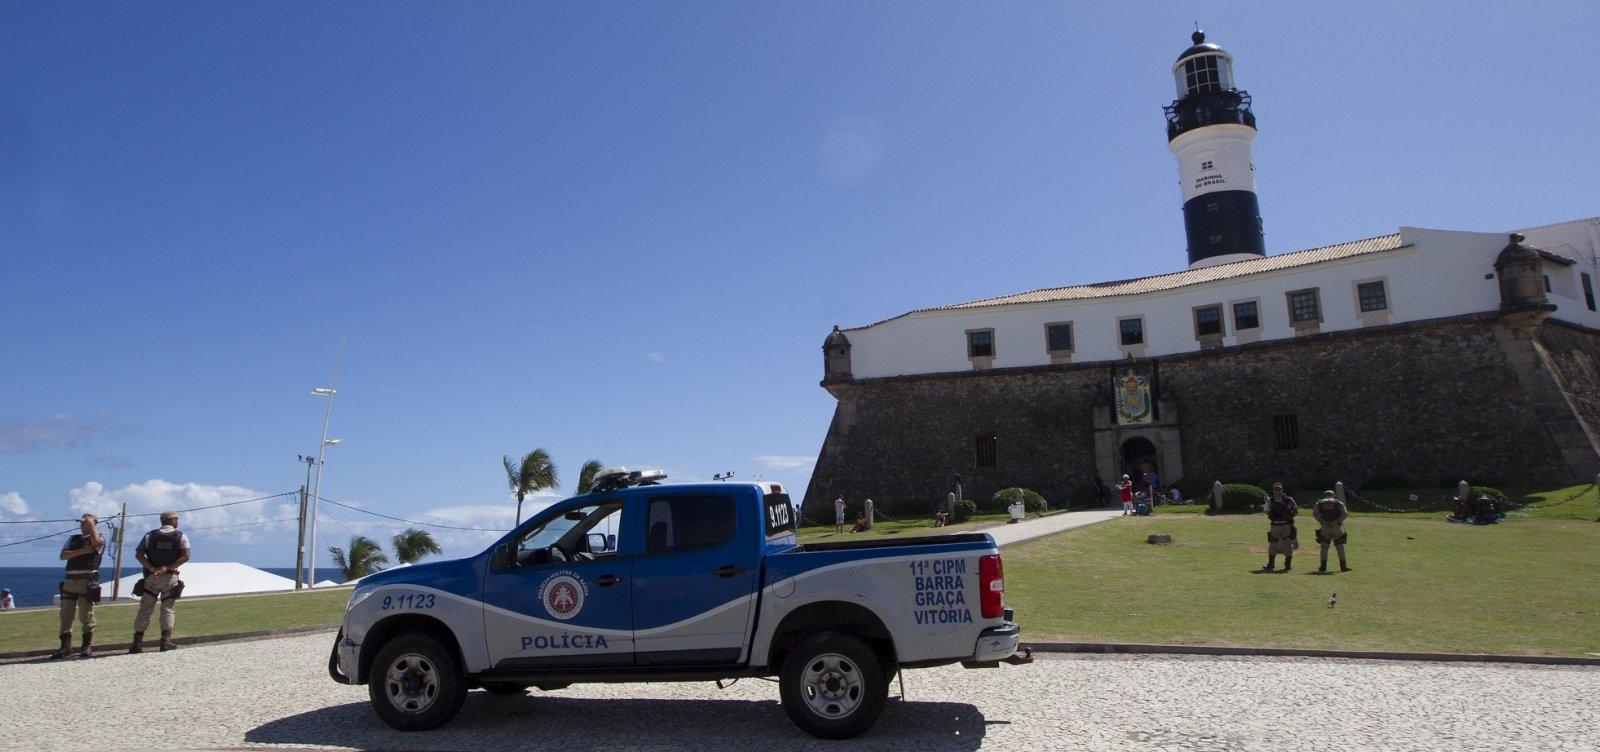 Corregedoria da PM reconstitui caso do soldado morto na Barra